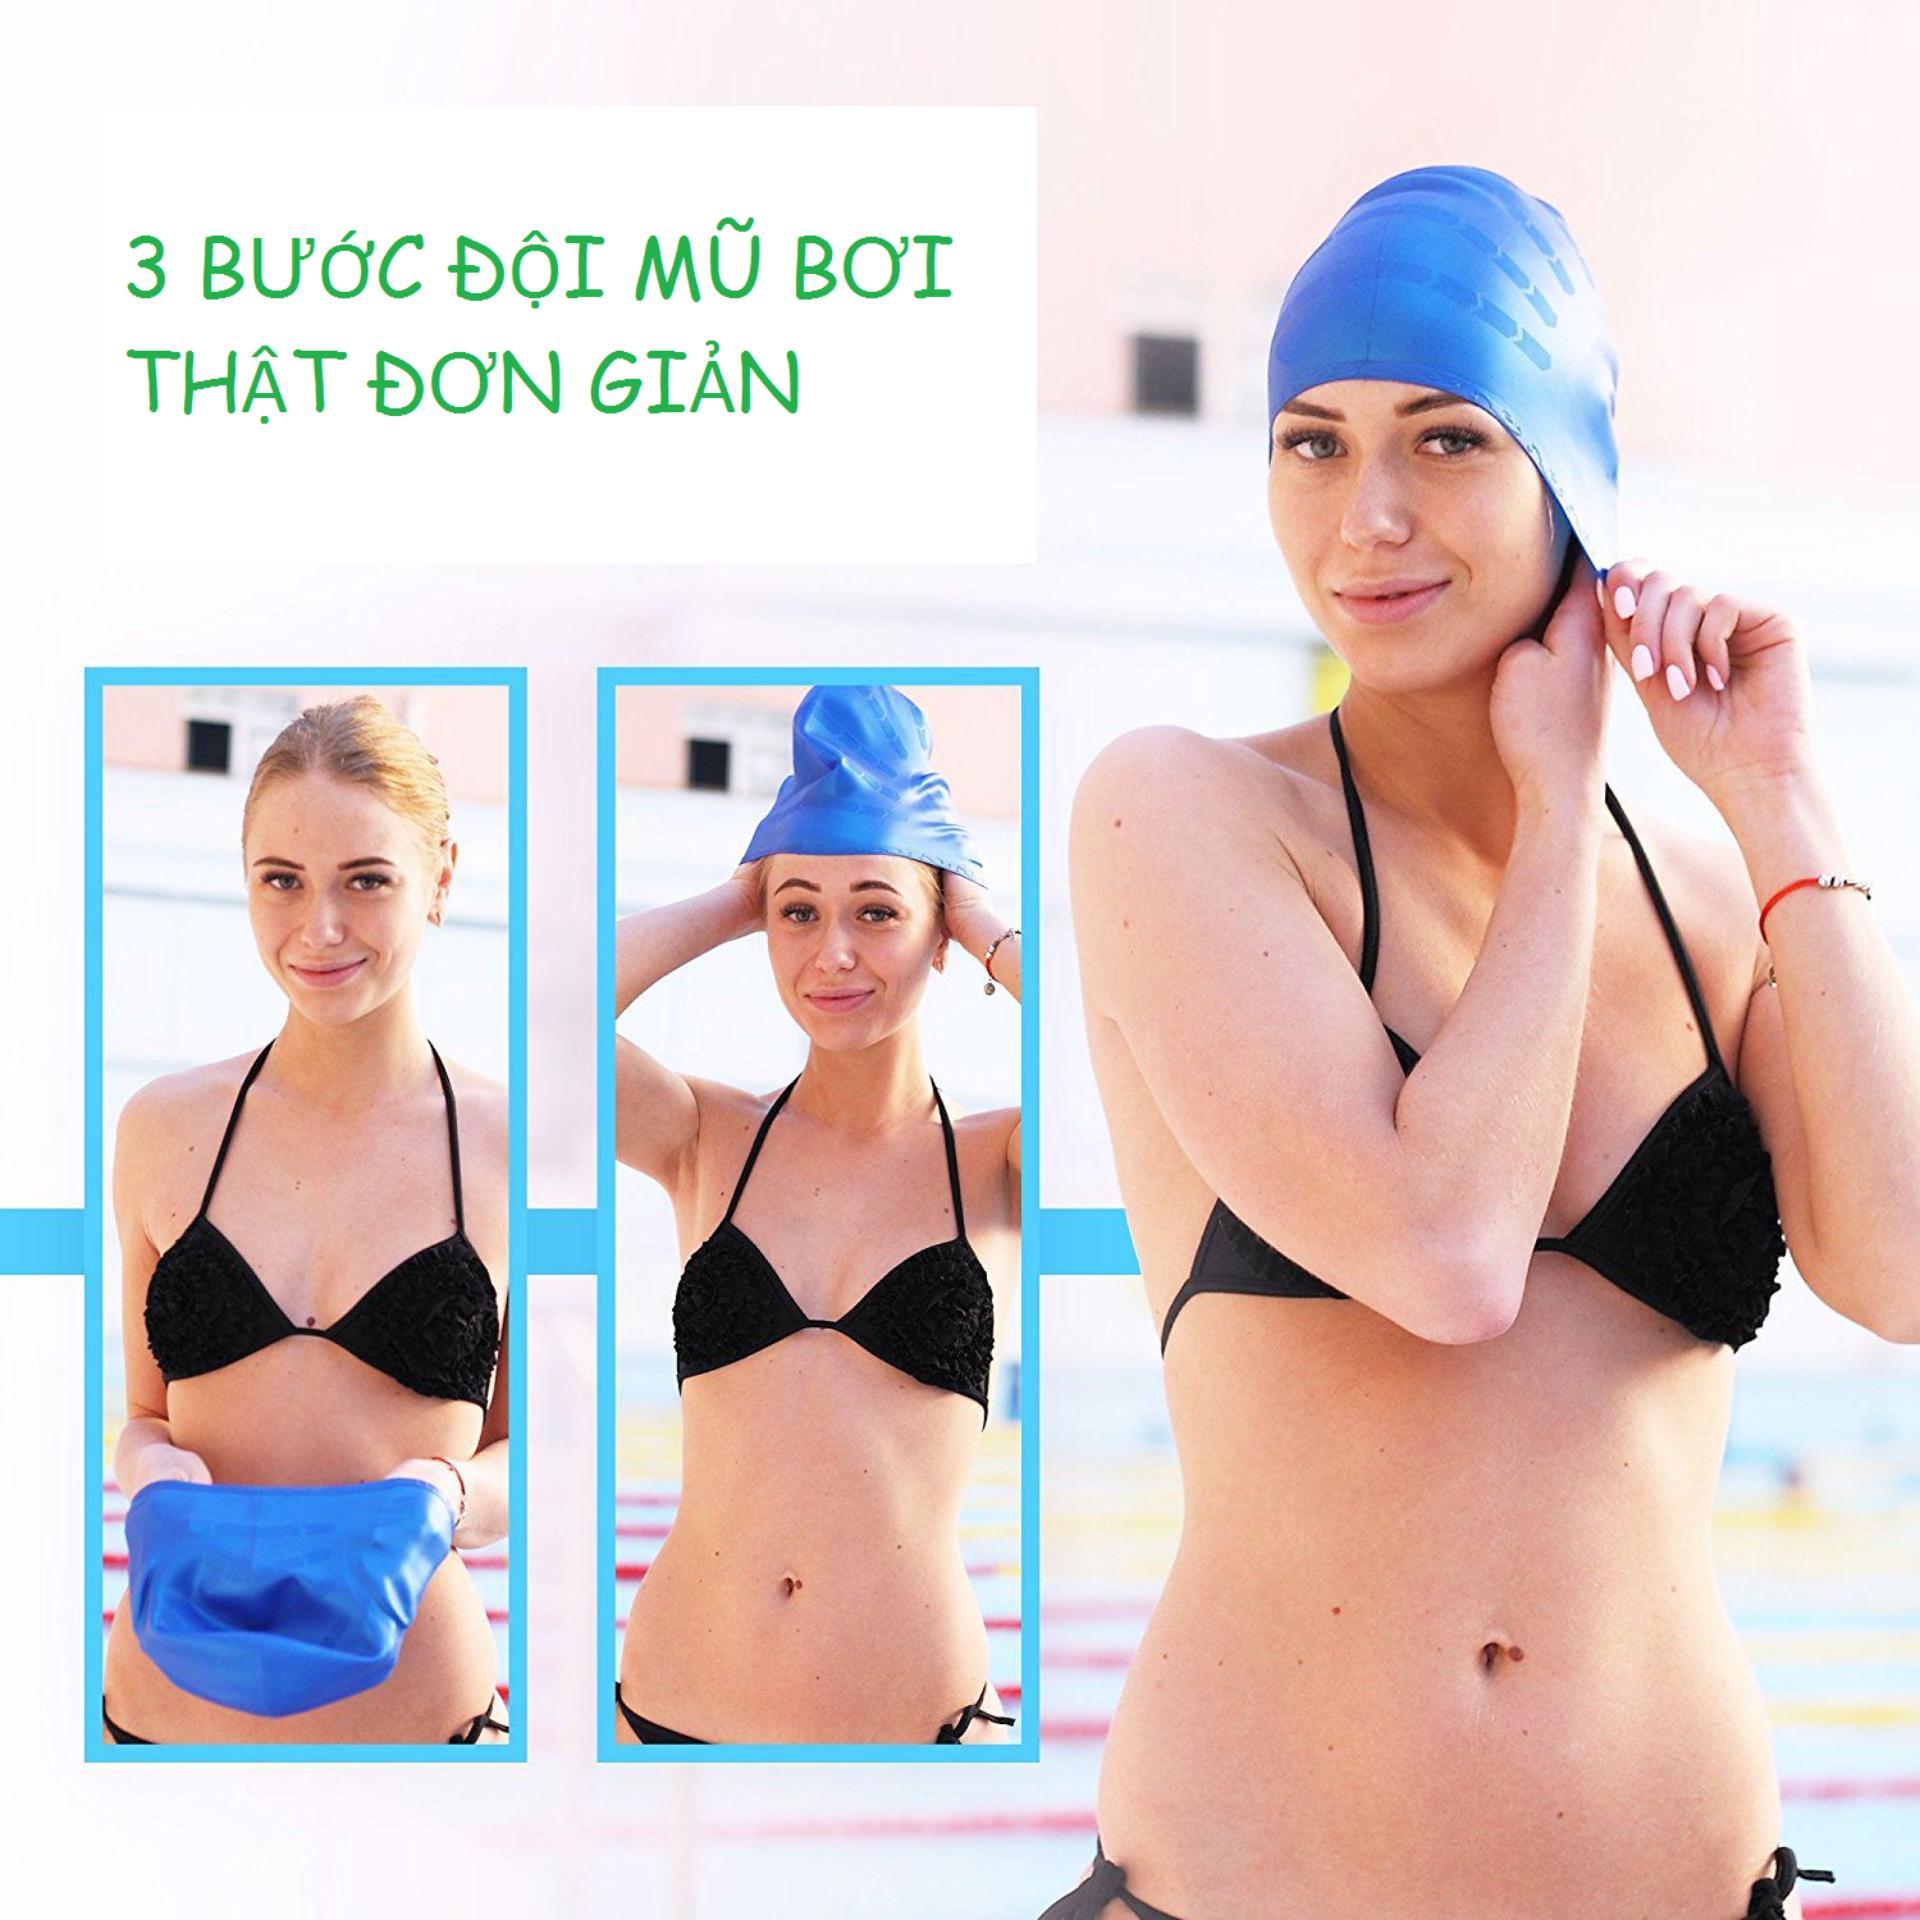 Nón bơi mũ bơi trơn silicone chống thống nước cao cấp CA31 POPO Collection - 5